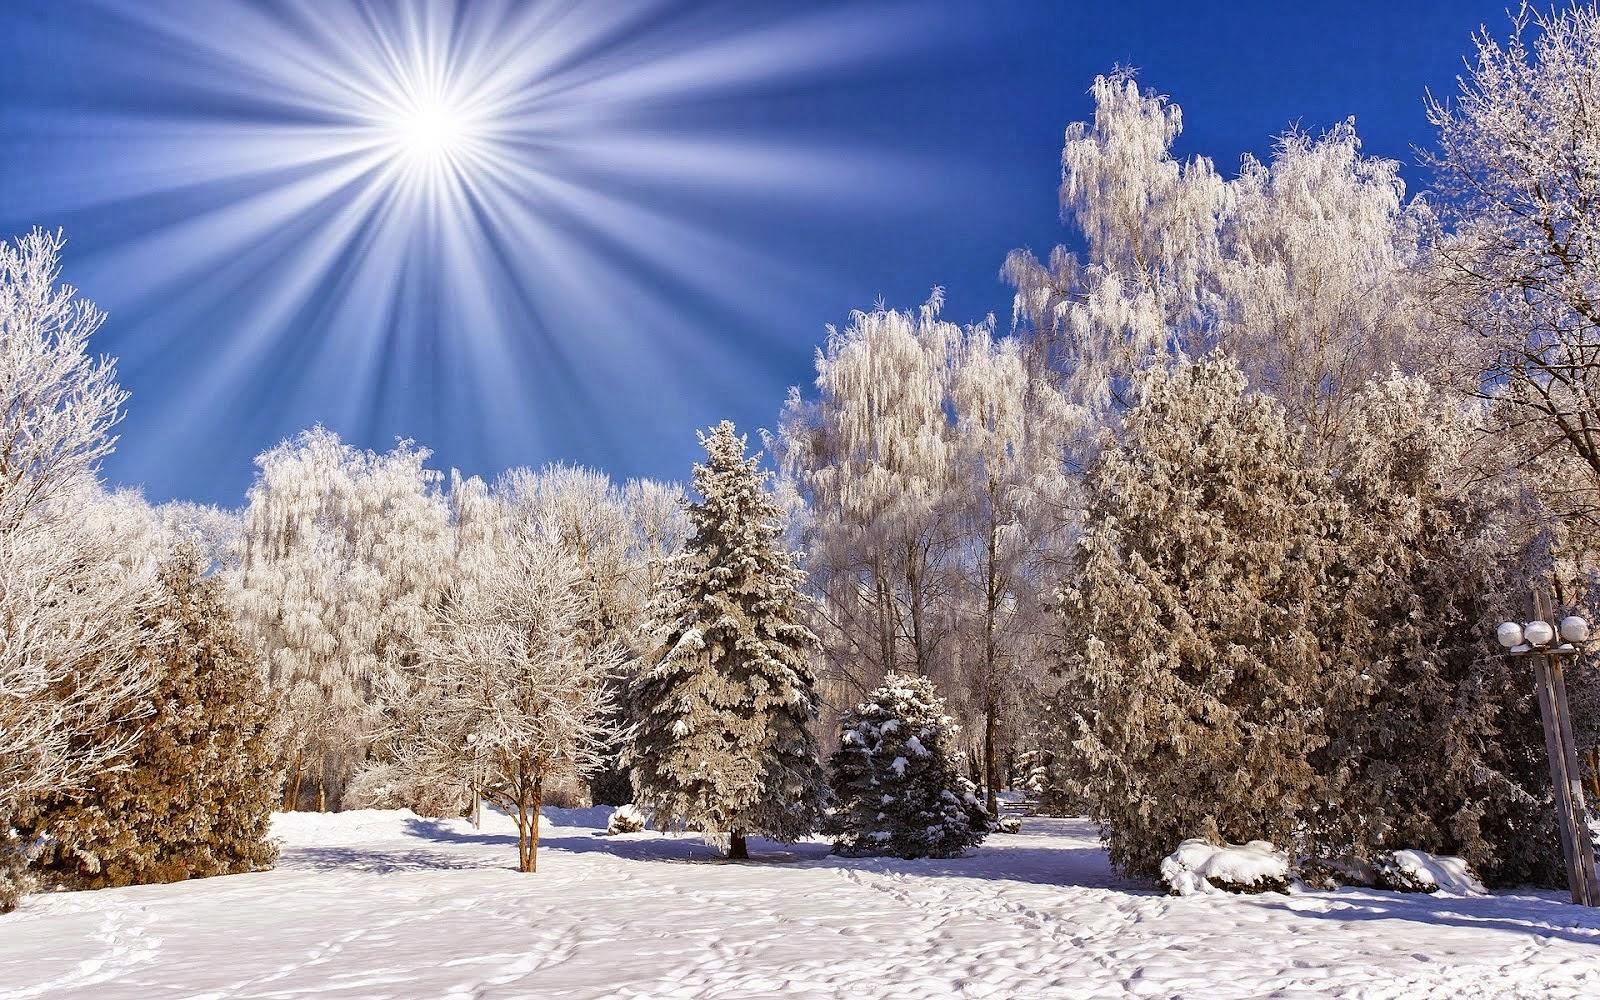 1200 navidad especial comienza ahora hasta el final de diciembre 3